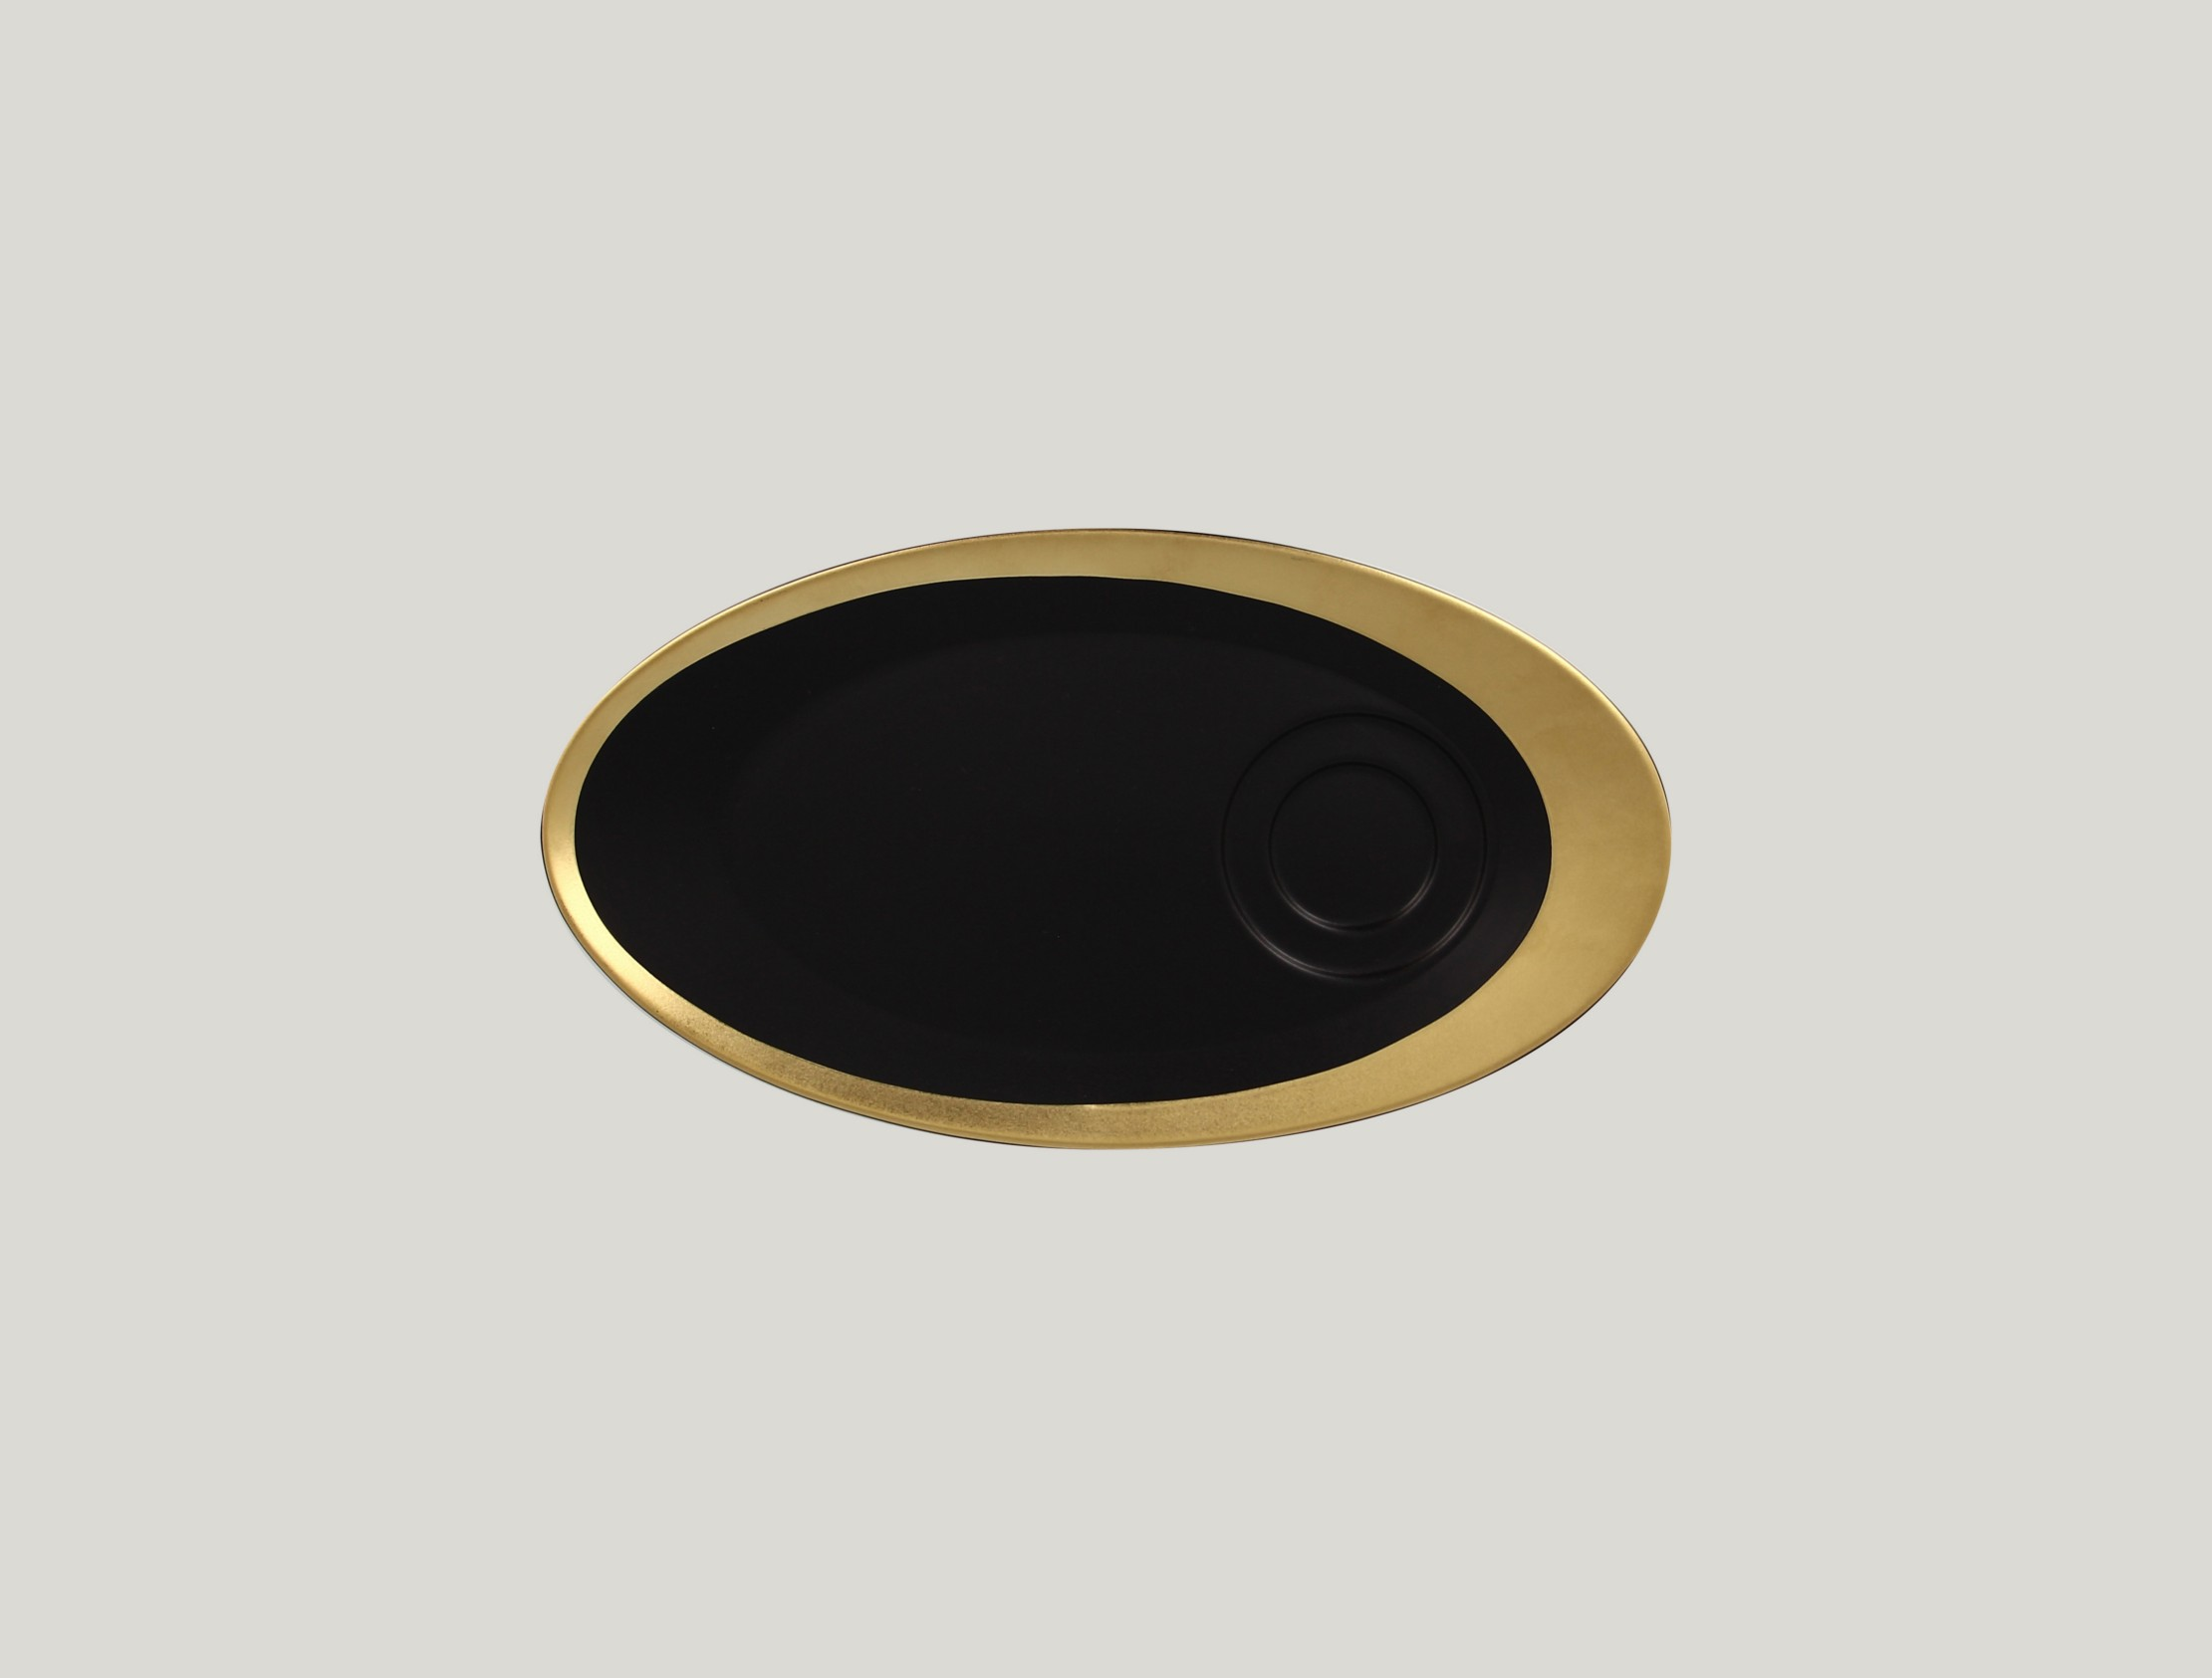 Ovalnáný podšálek pro GICU23/GICU09 - gold ANTIC